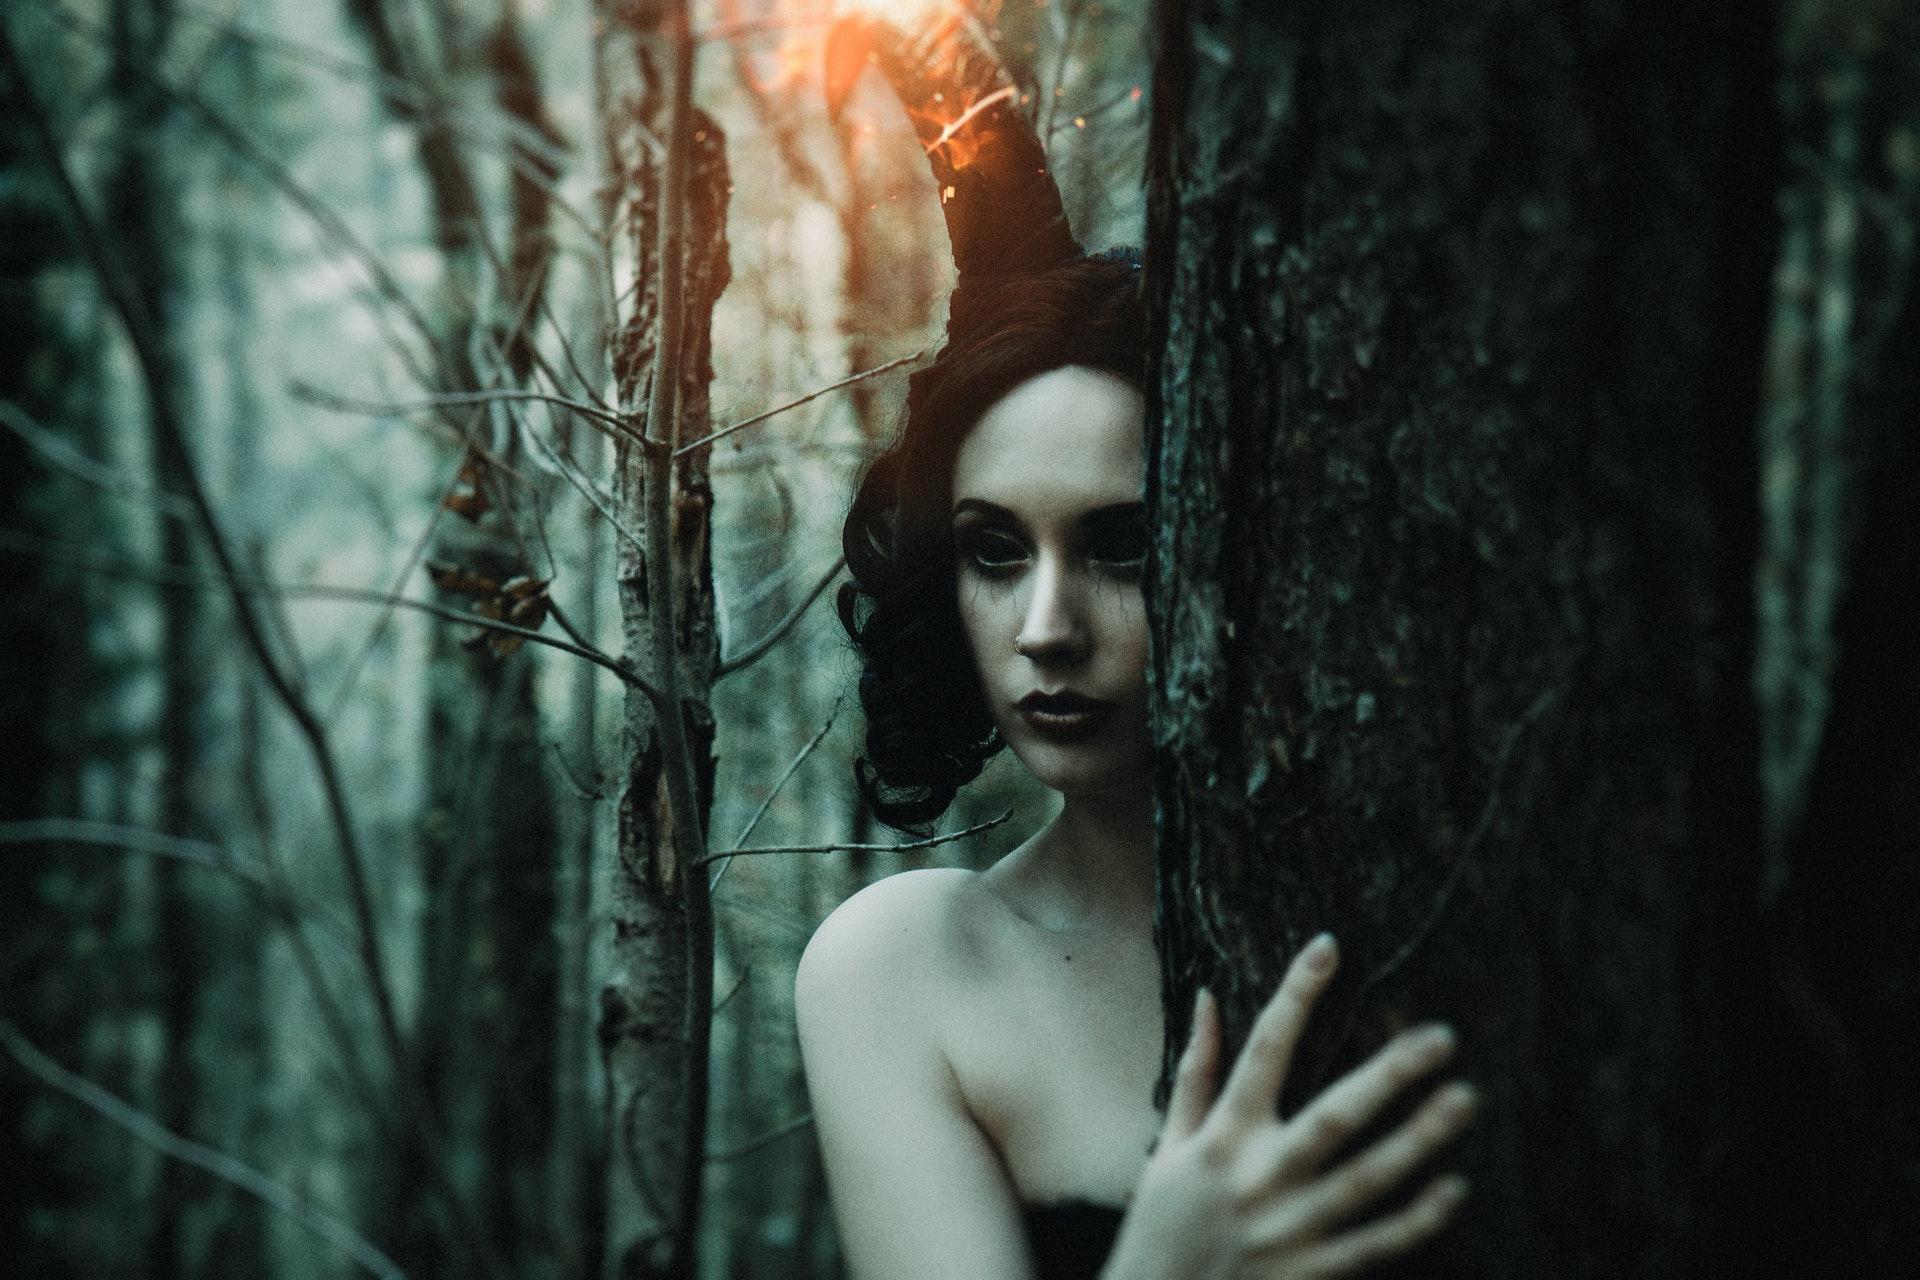 Demoness in woods